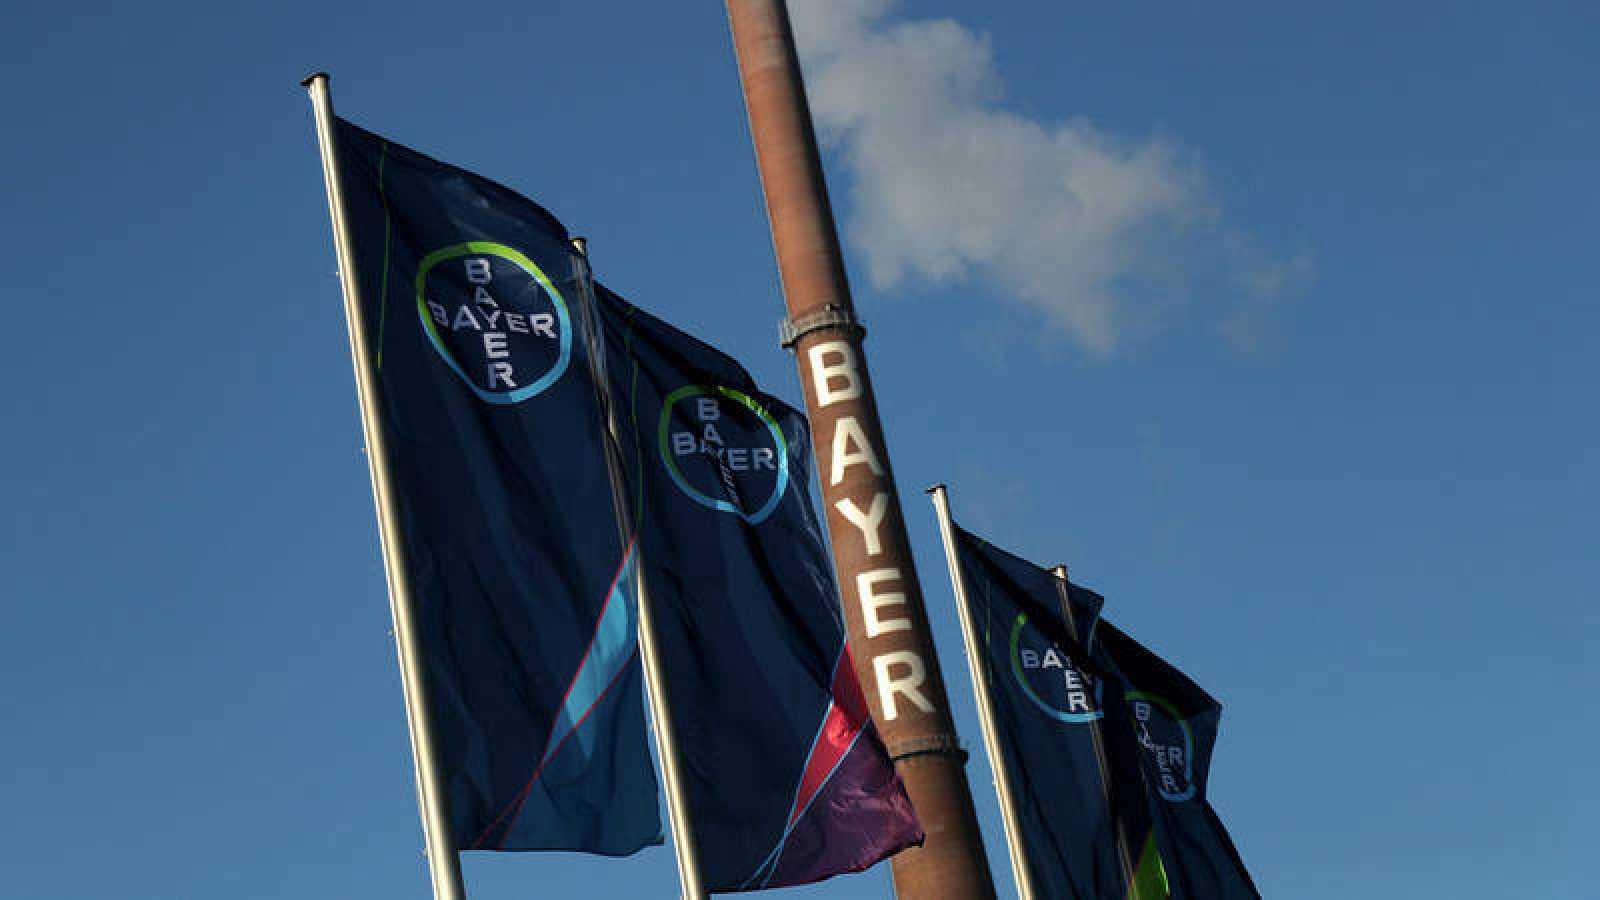 El nombre de la empresa fusionada será Bayer y Monsanto desaparecerá como nombre empresarial.